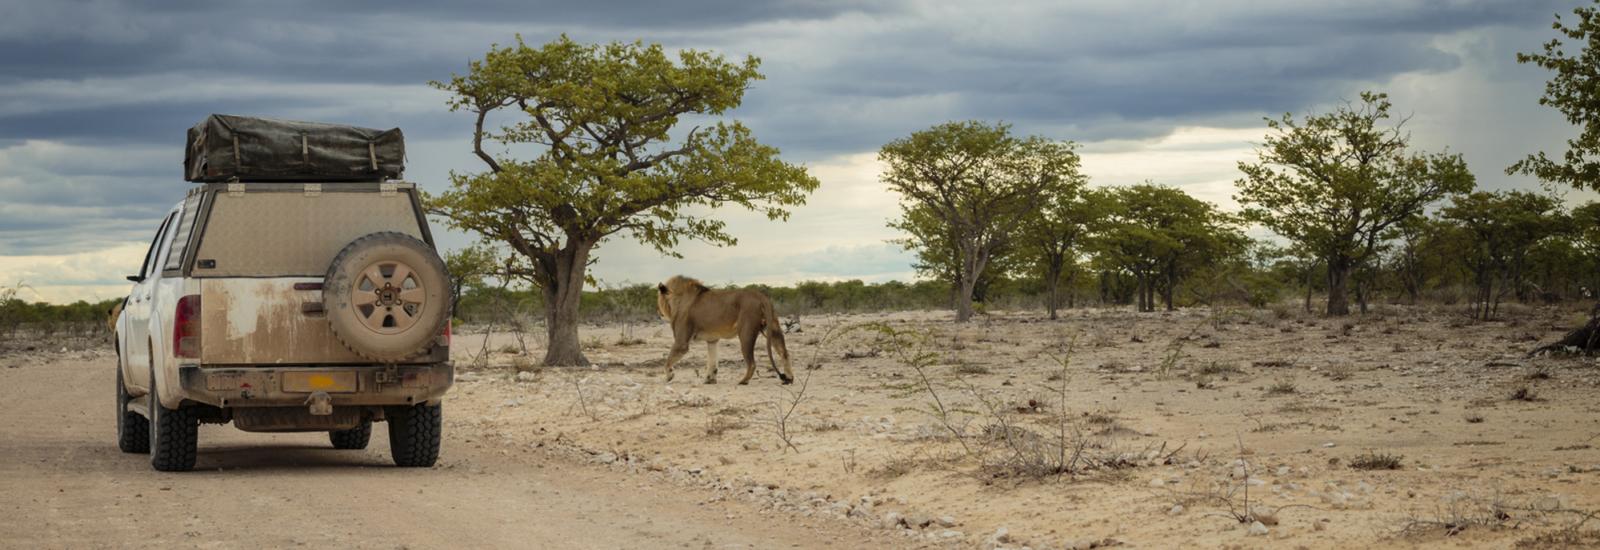 Namibia ➡ Wodospady Wiktorii Biuro podróży Goforworld by Kuźniar